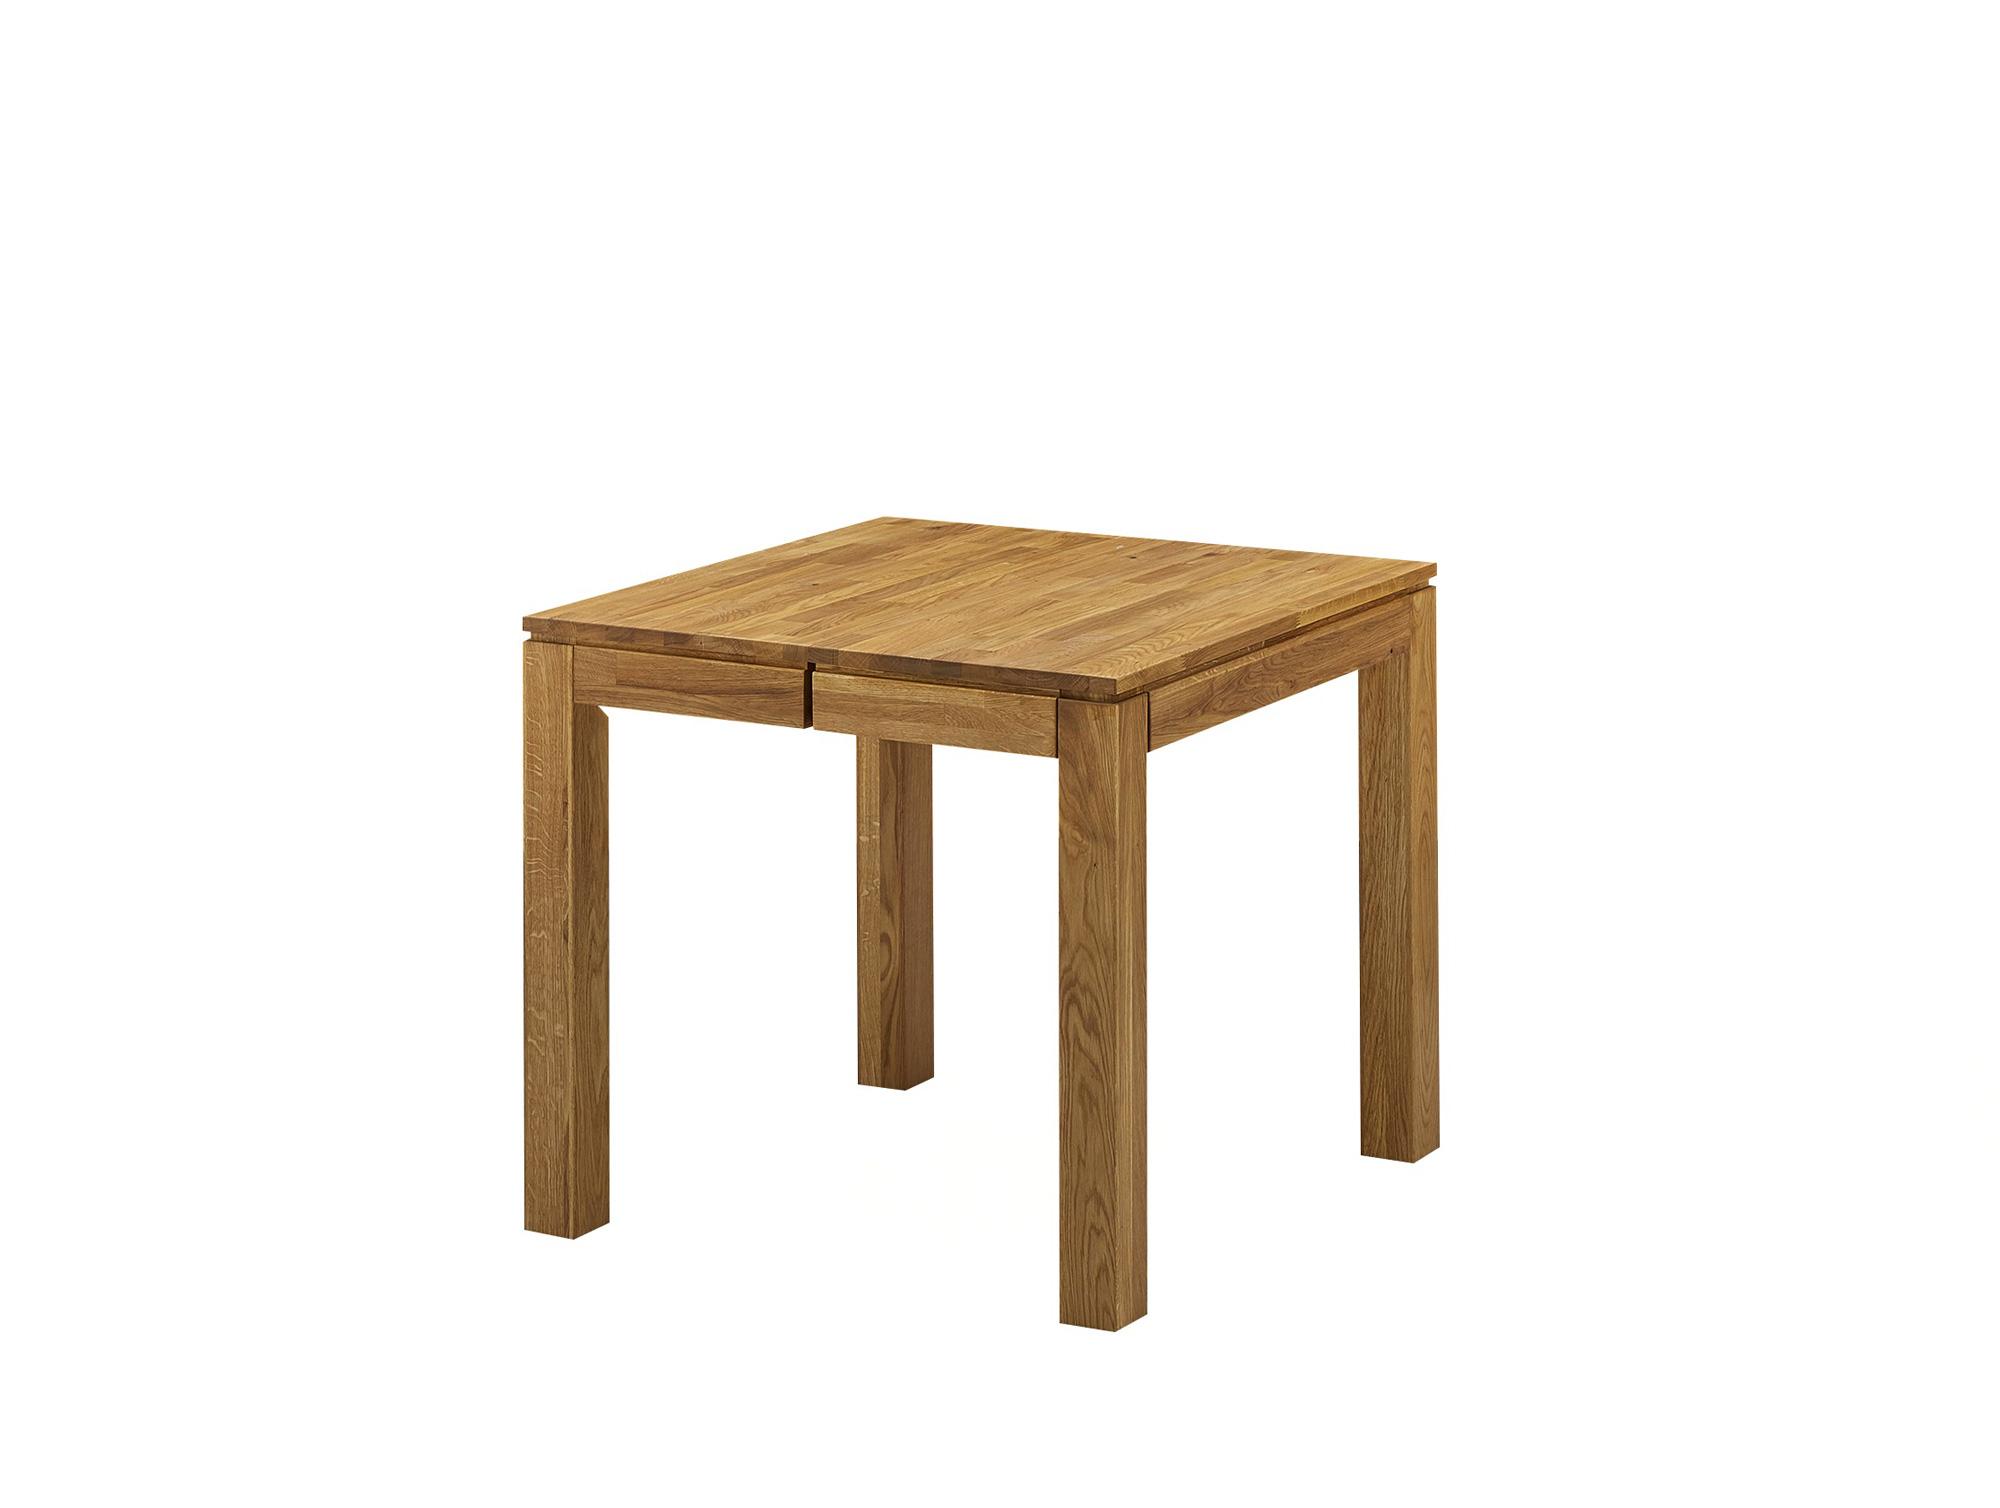 lissabon tisch wildeiche esstisch massivholztisch 80x80 bis 130x80 ausziehbar ebay. Black Bedroom Furniture Sets. Home Design Ideas